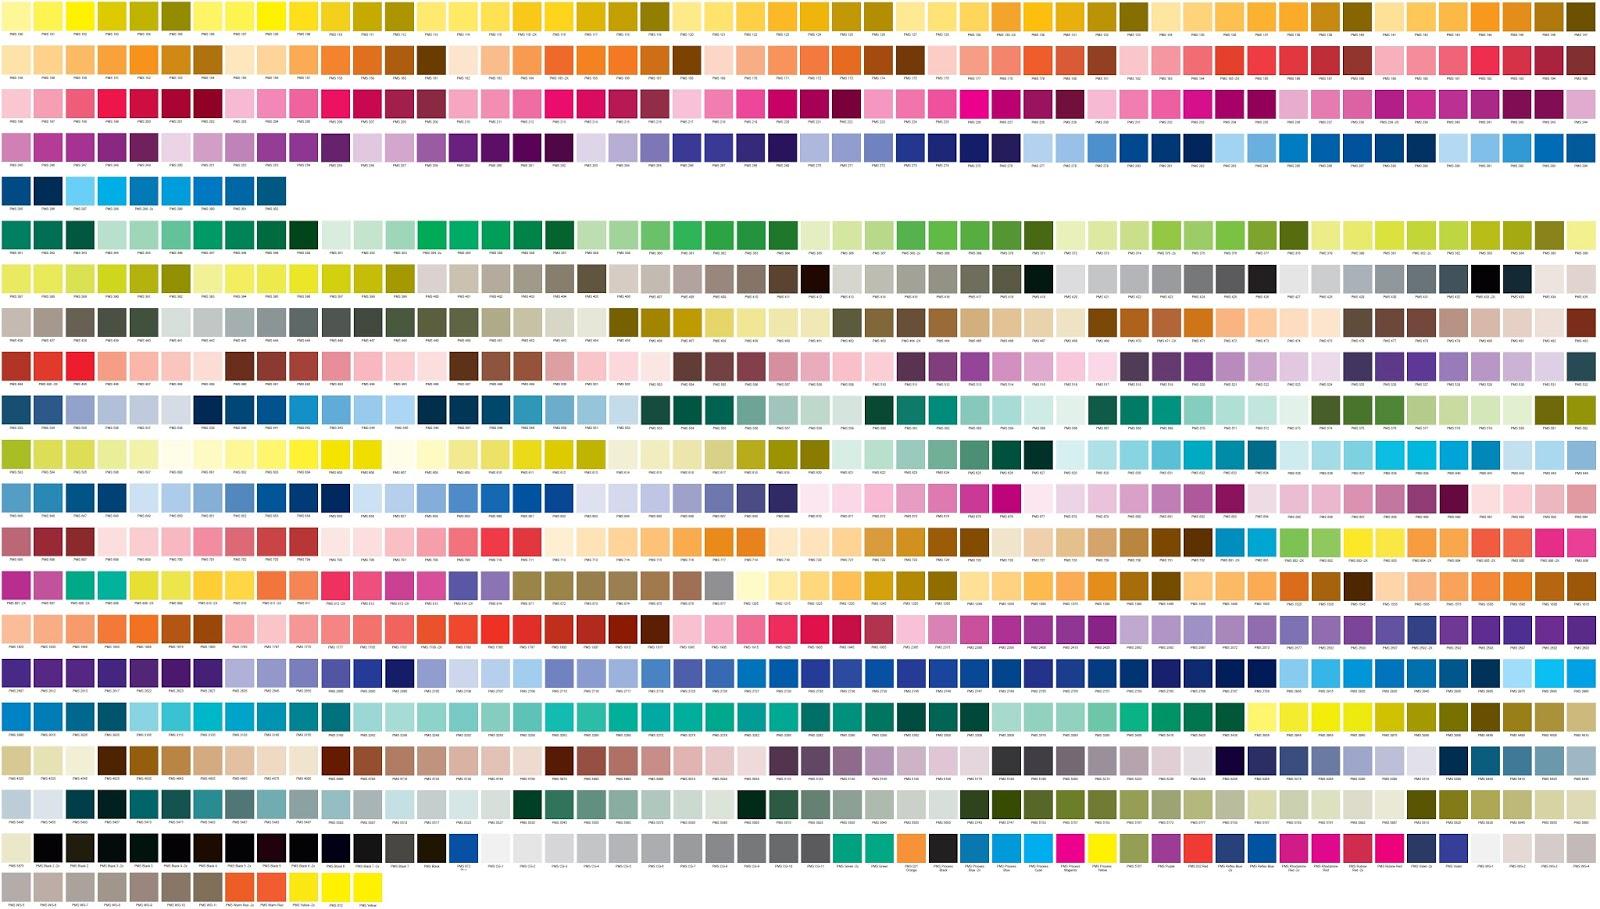 √ Jotun wall paints (jotun uae ltd (llc)), Jotun color paint